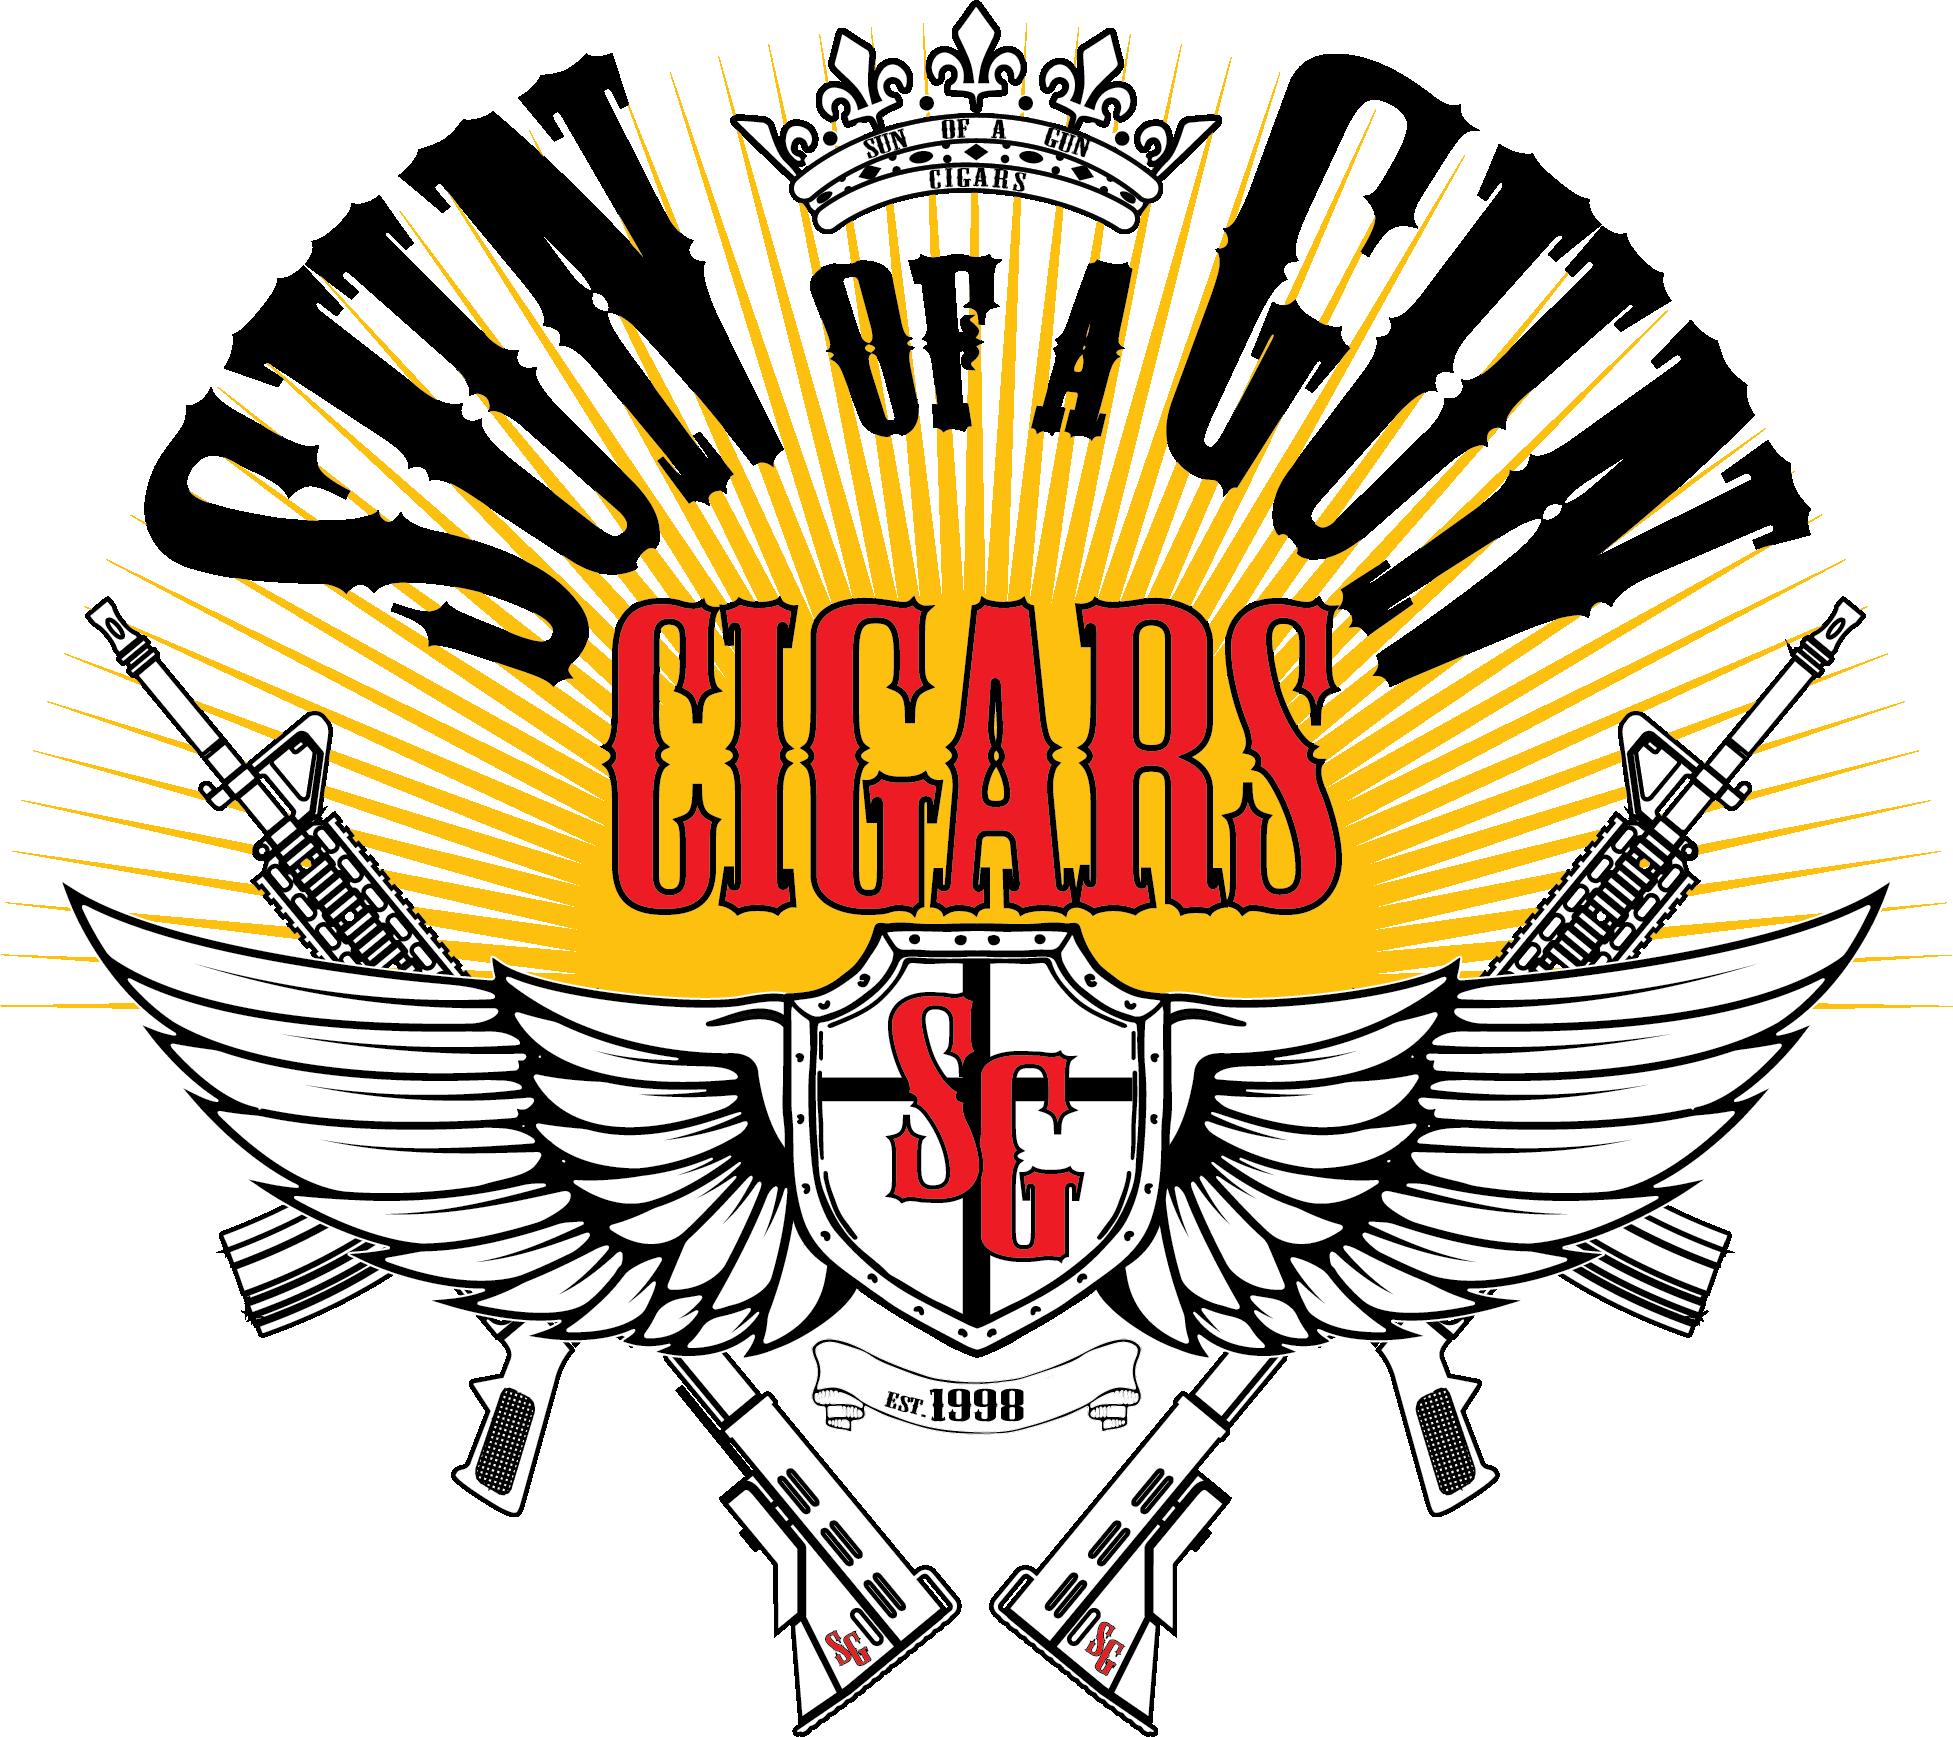 Sun of a Gun Smoke & Cigar Lounge in Yuma, Arizona